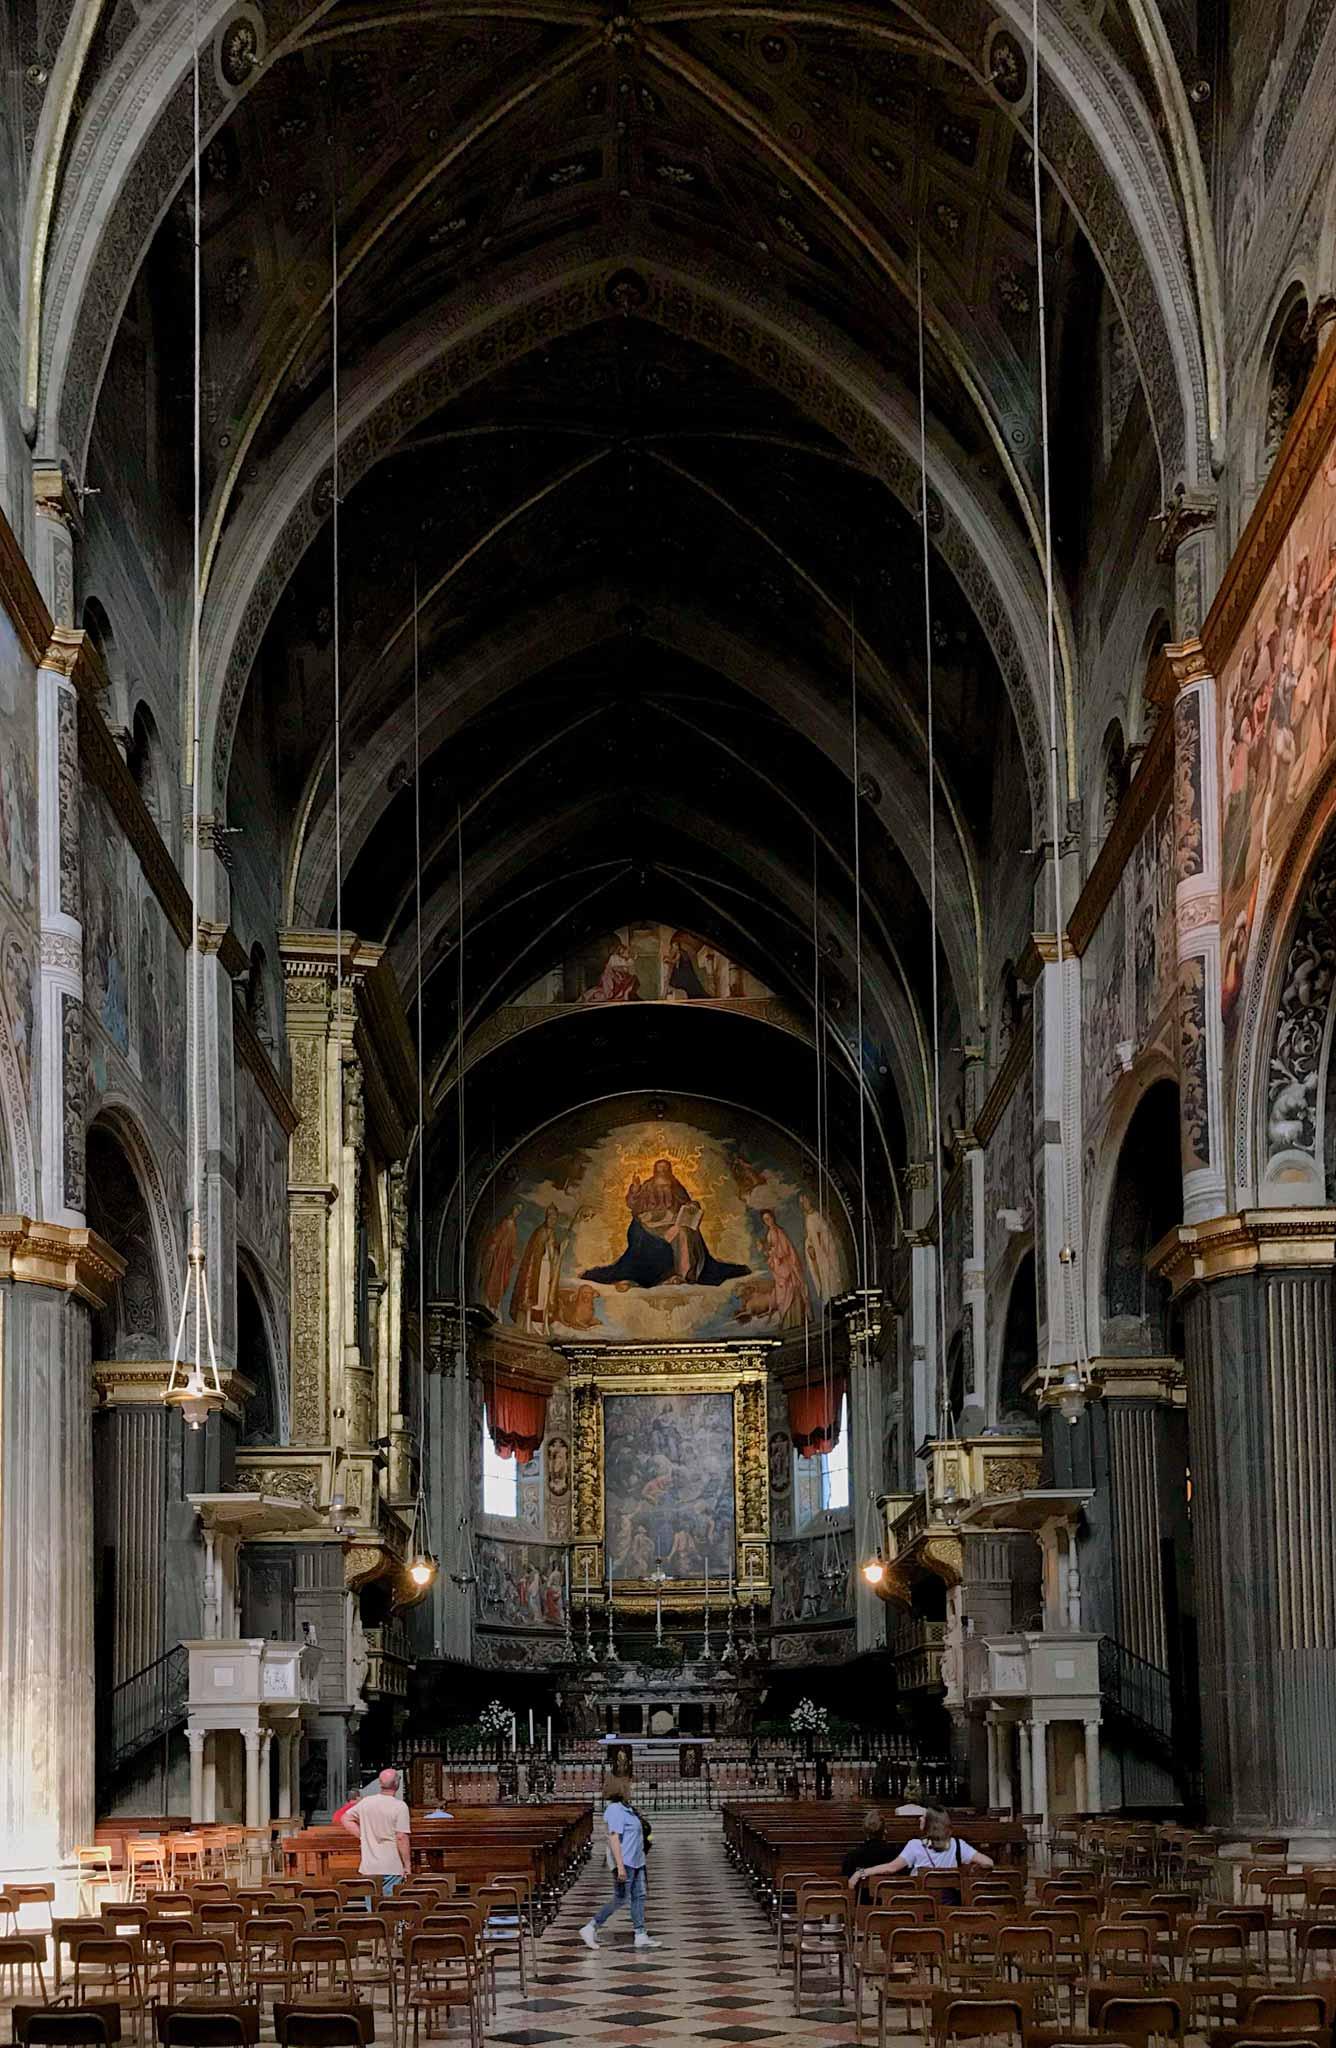 Cattedrale-di-Cremona-navata-centrale-colonne-affresco-abside-redentore-in-gloria-boccaccino